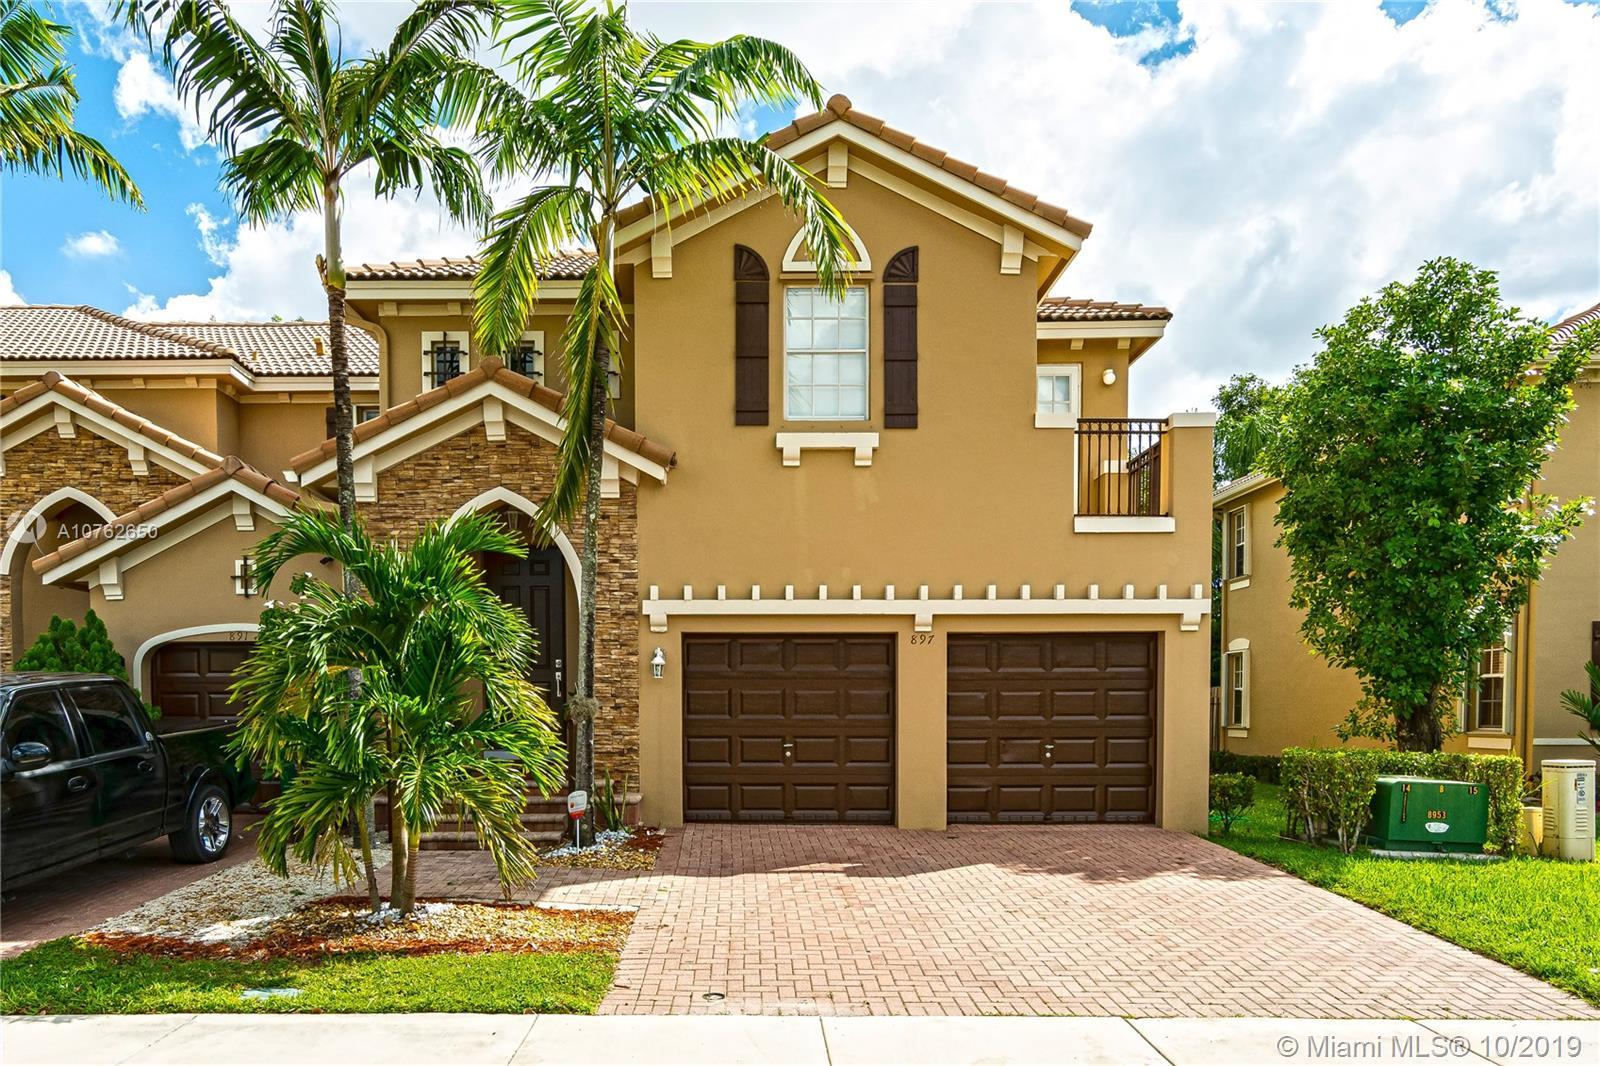 897 SW 152 ct 897, Miami, FL 33194